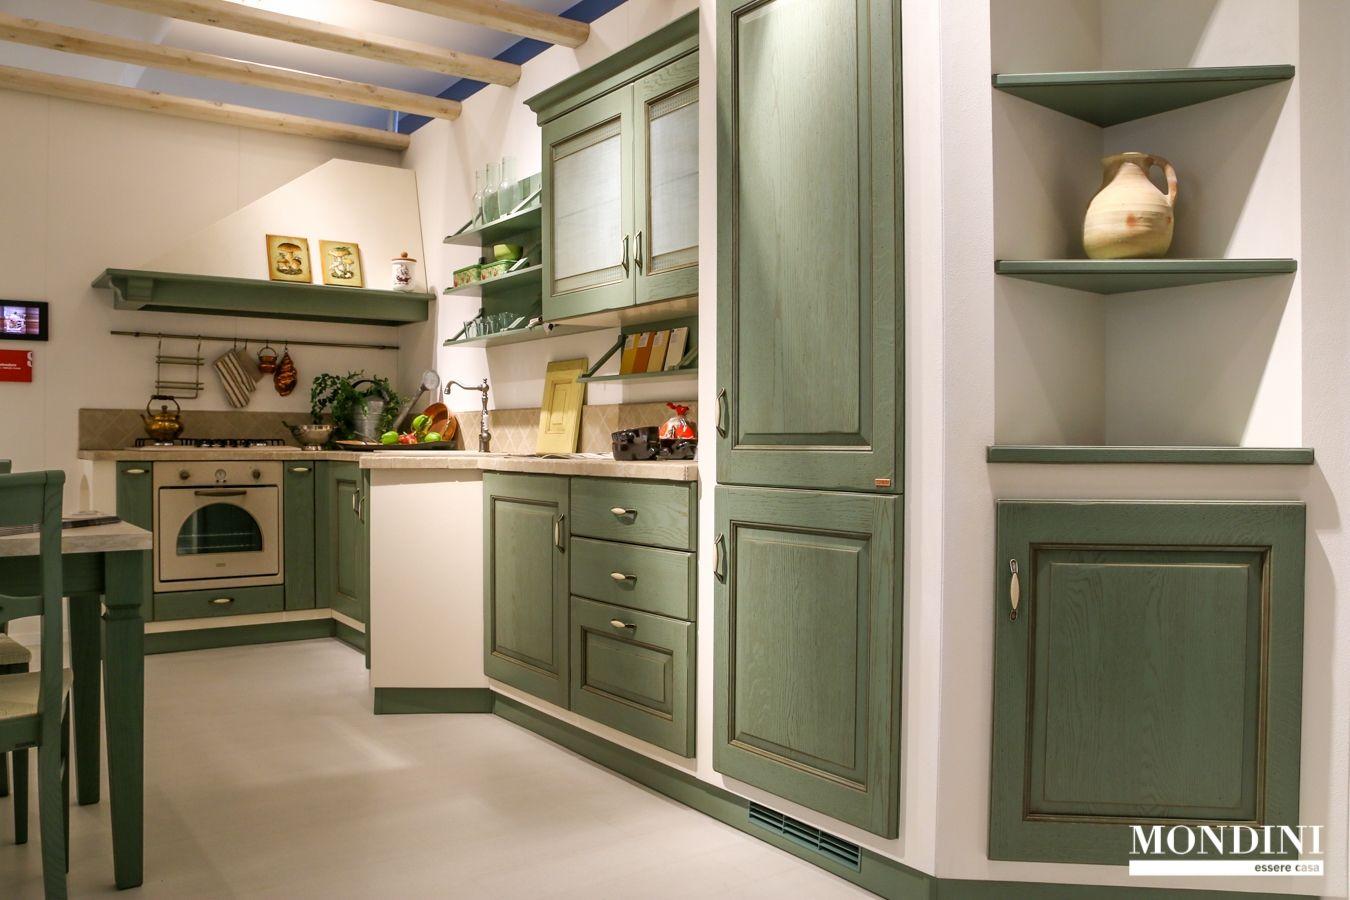 Gallery of cucina angolare scavolini in muratura scontata del 51 ...